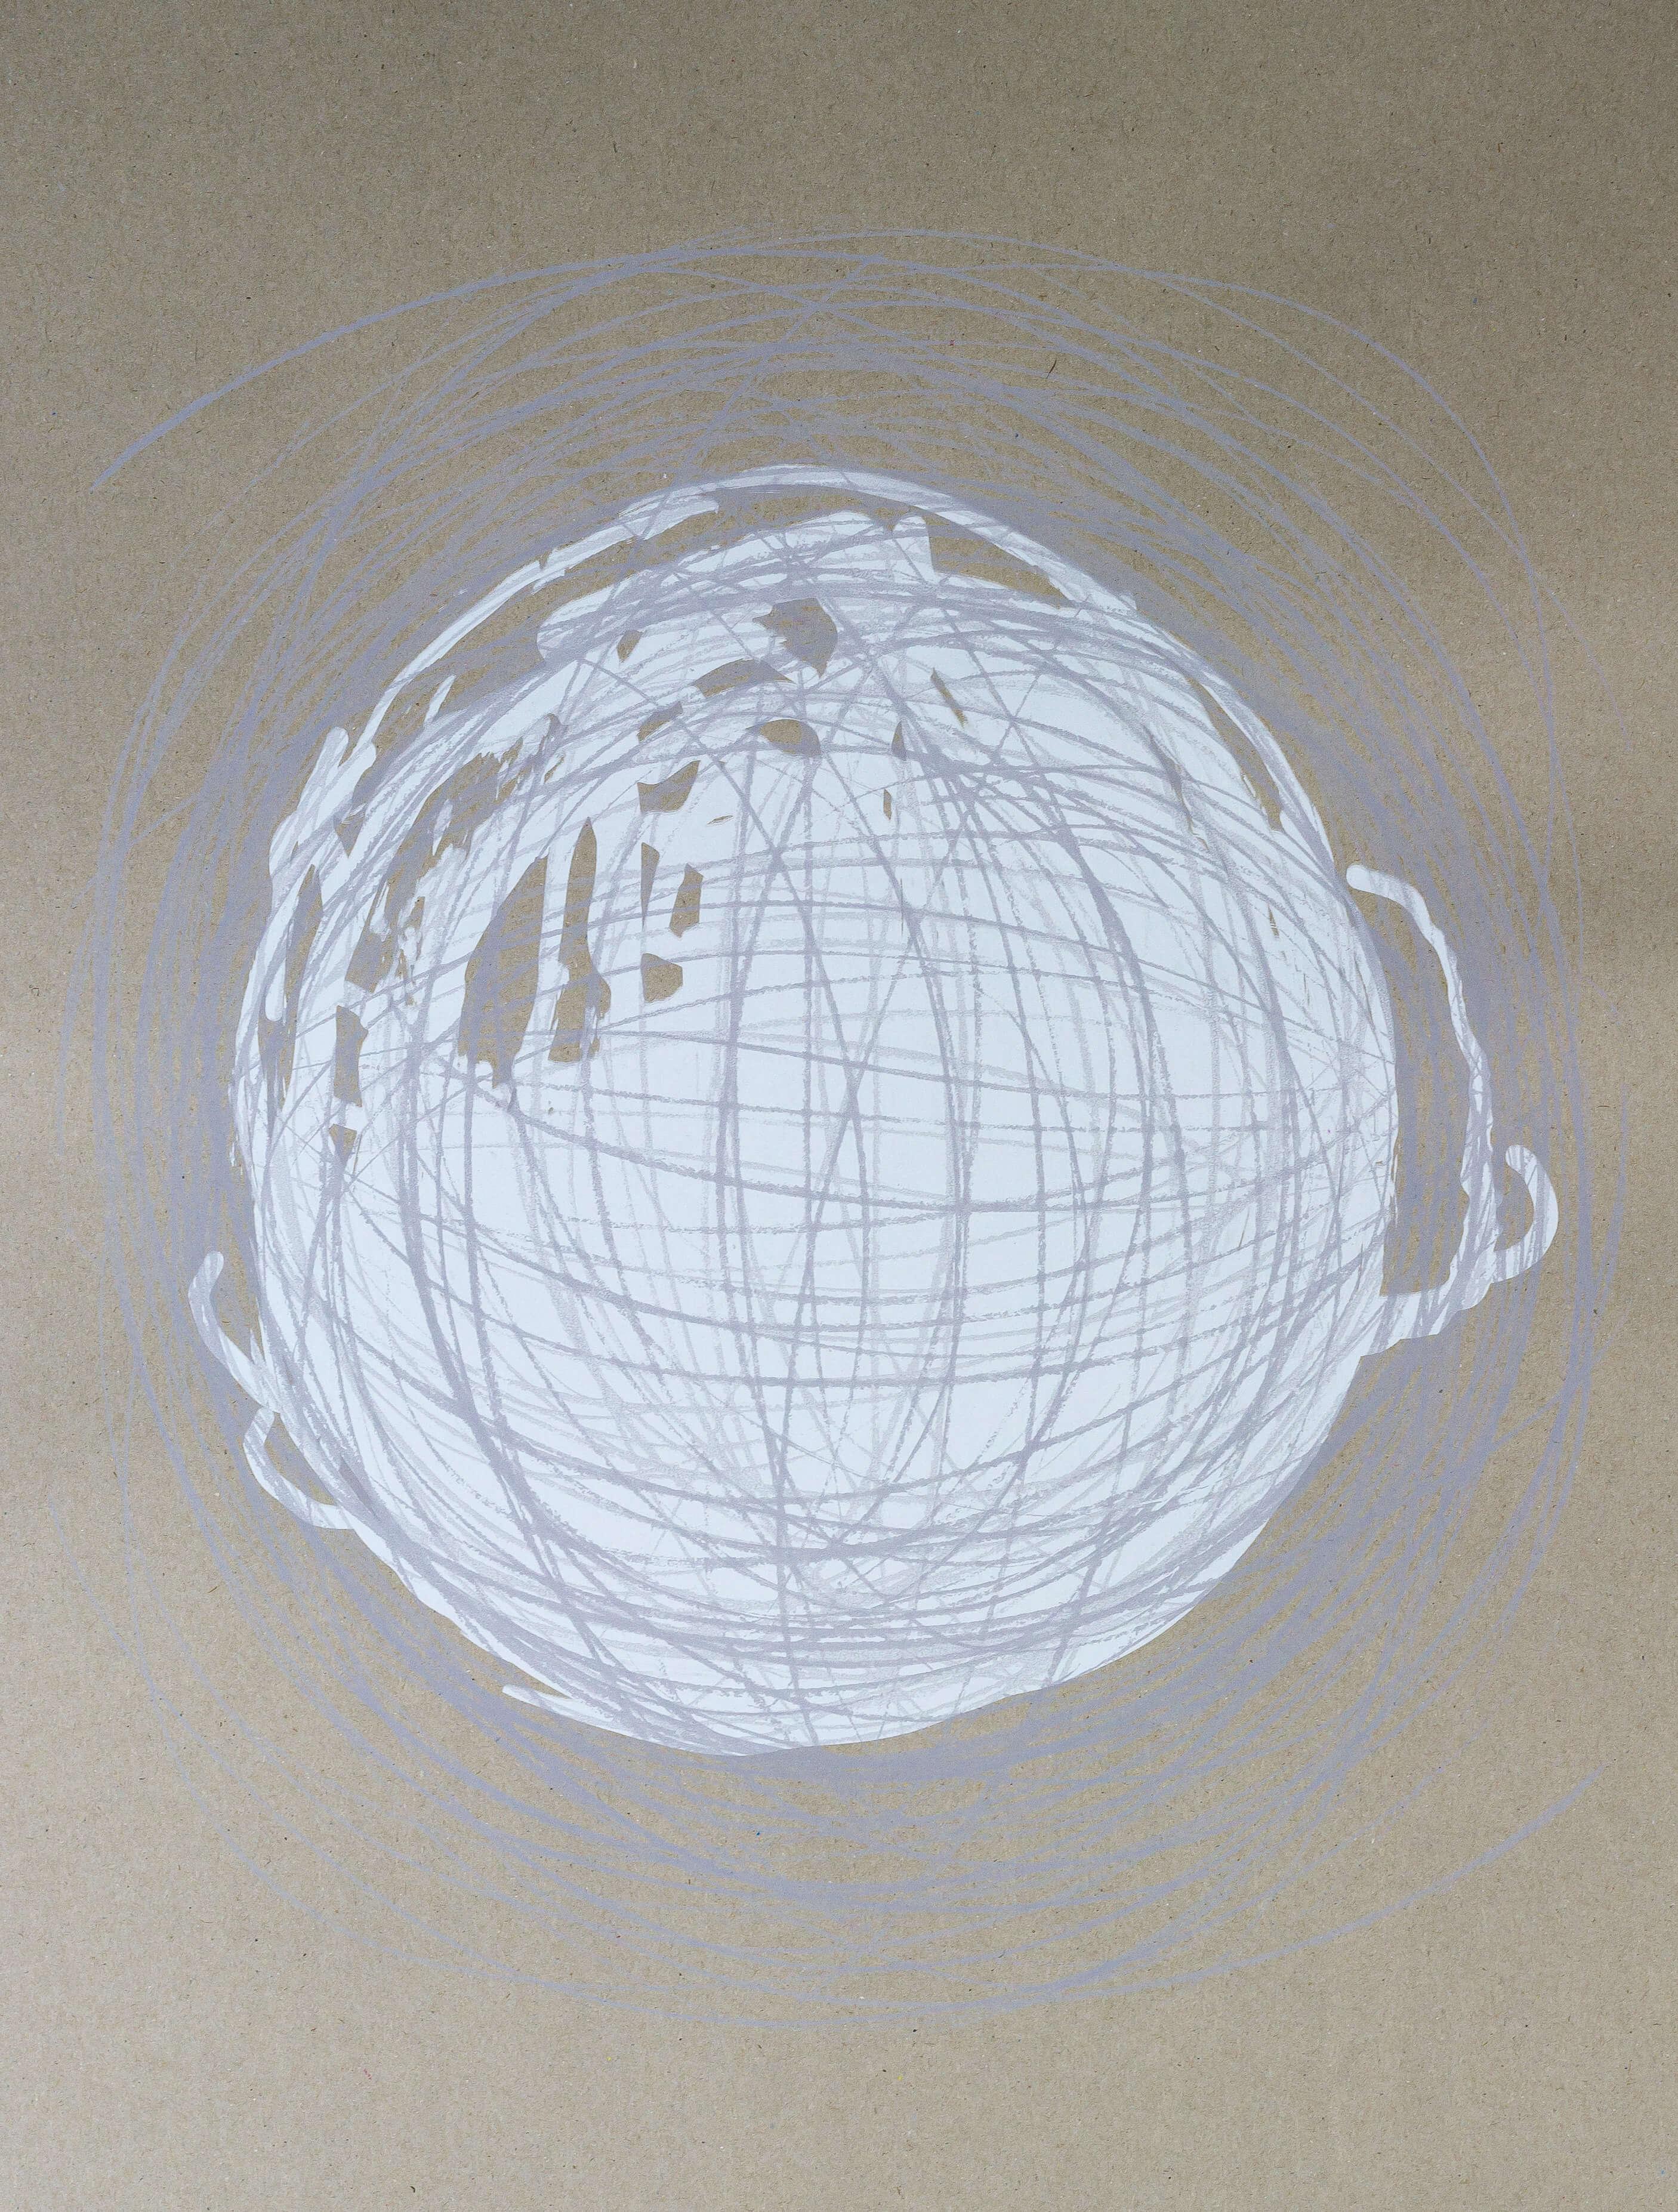 Katharina Albers, Transformation XXXII, 2011, Siebdruck, Unikat, 59,5x42cm